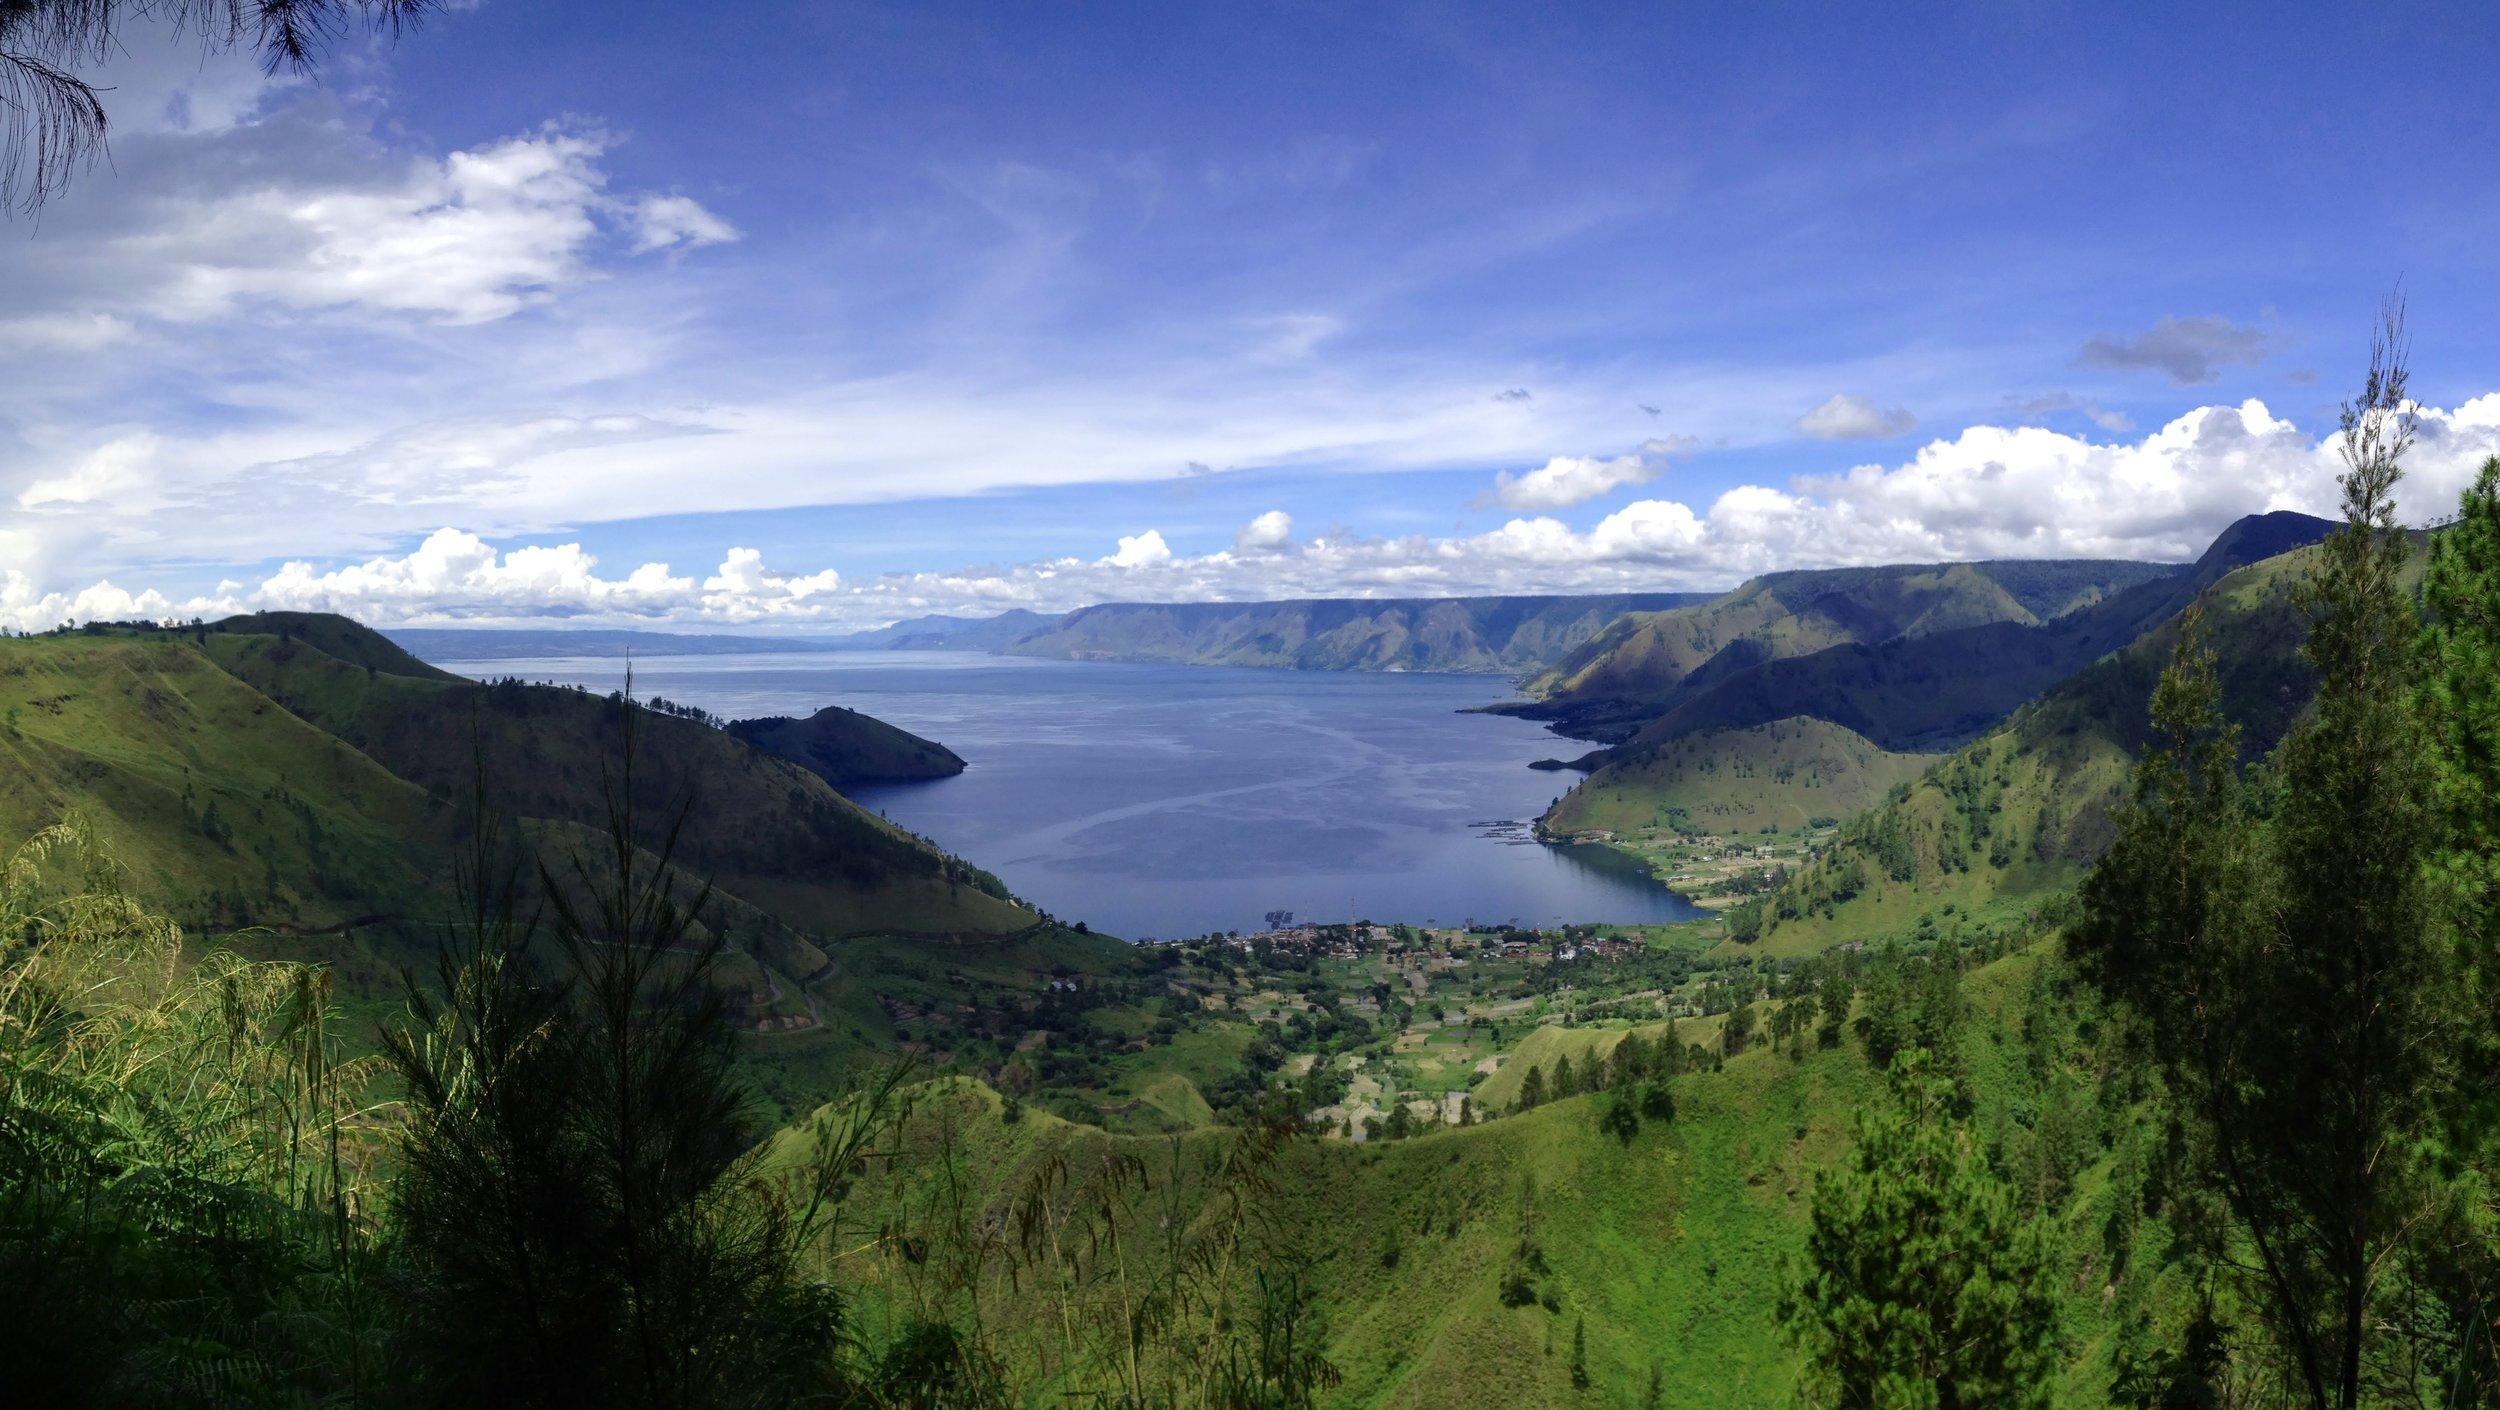 Explore the Rainforests of Sumatra - Indonesia